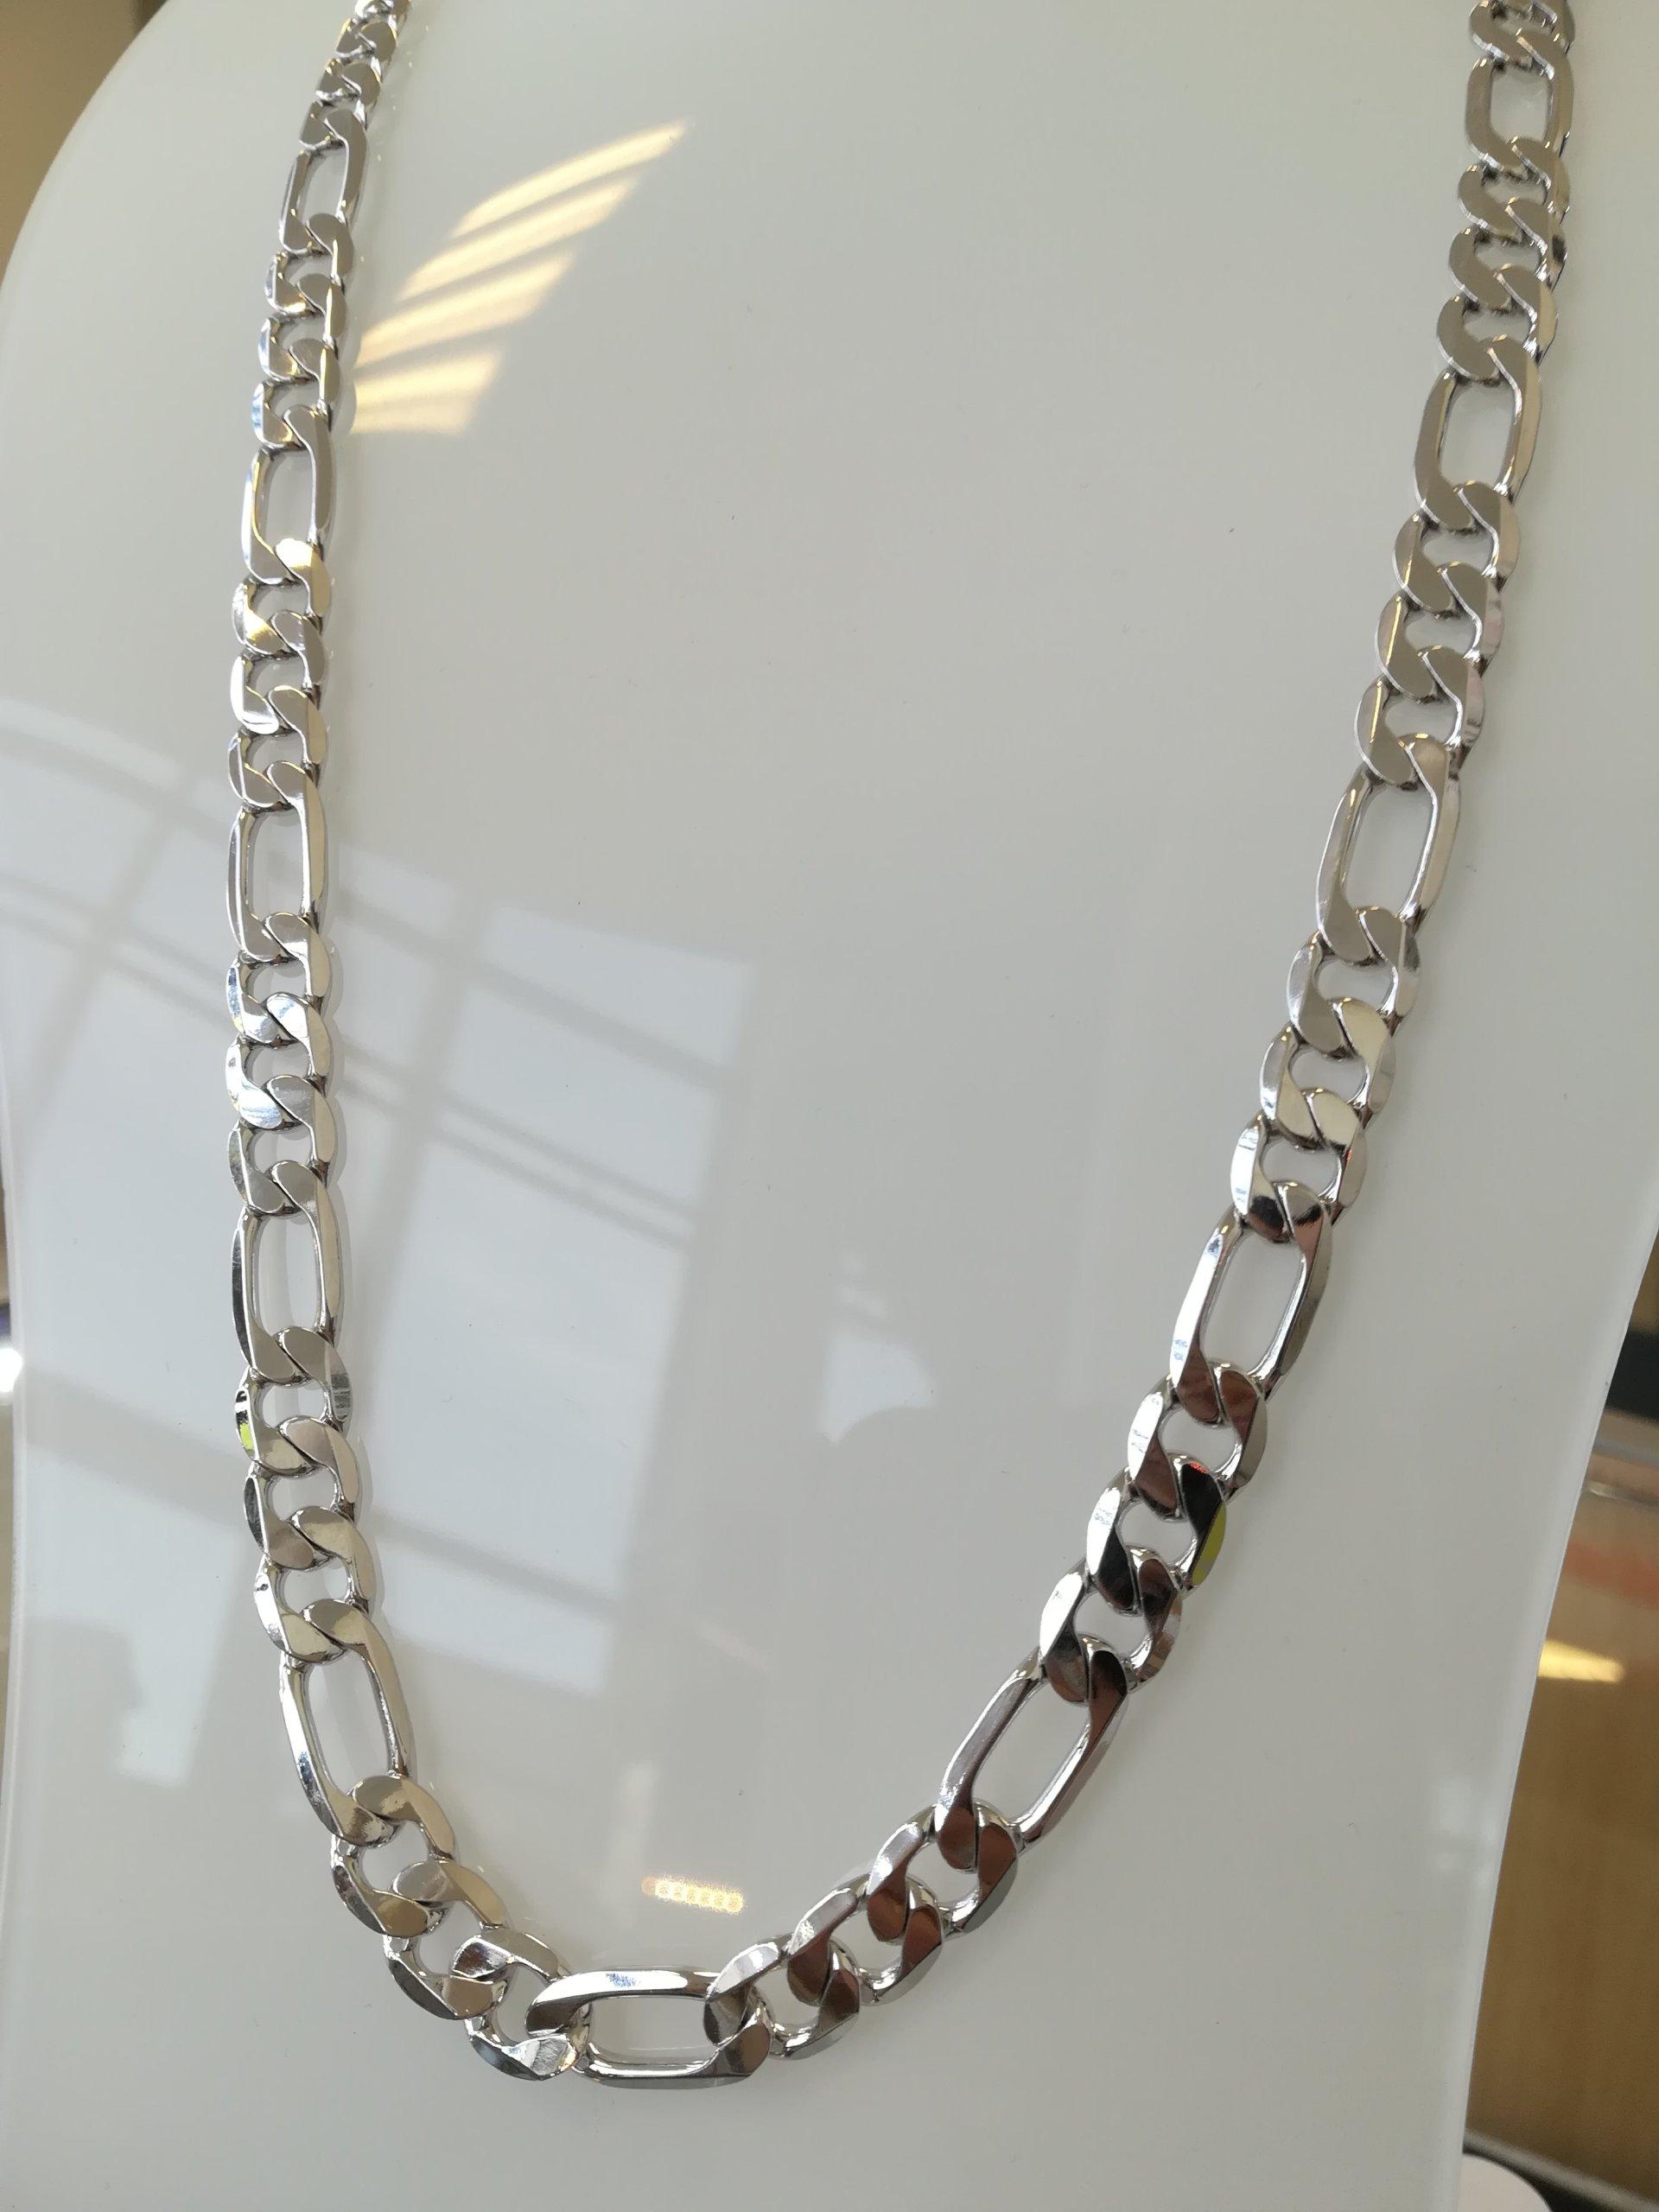 35a4631fcc8b76 Łańcuszek męski srebrny grube Figaro 1 cm Sklep - 7457454758 ...